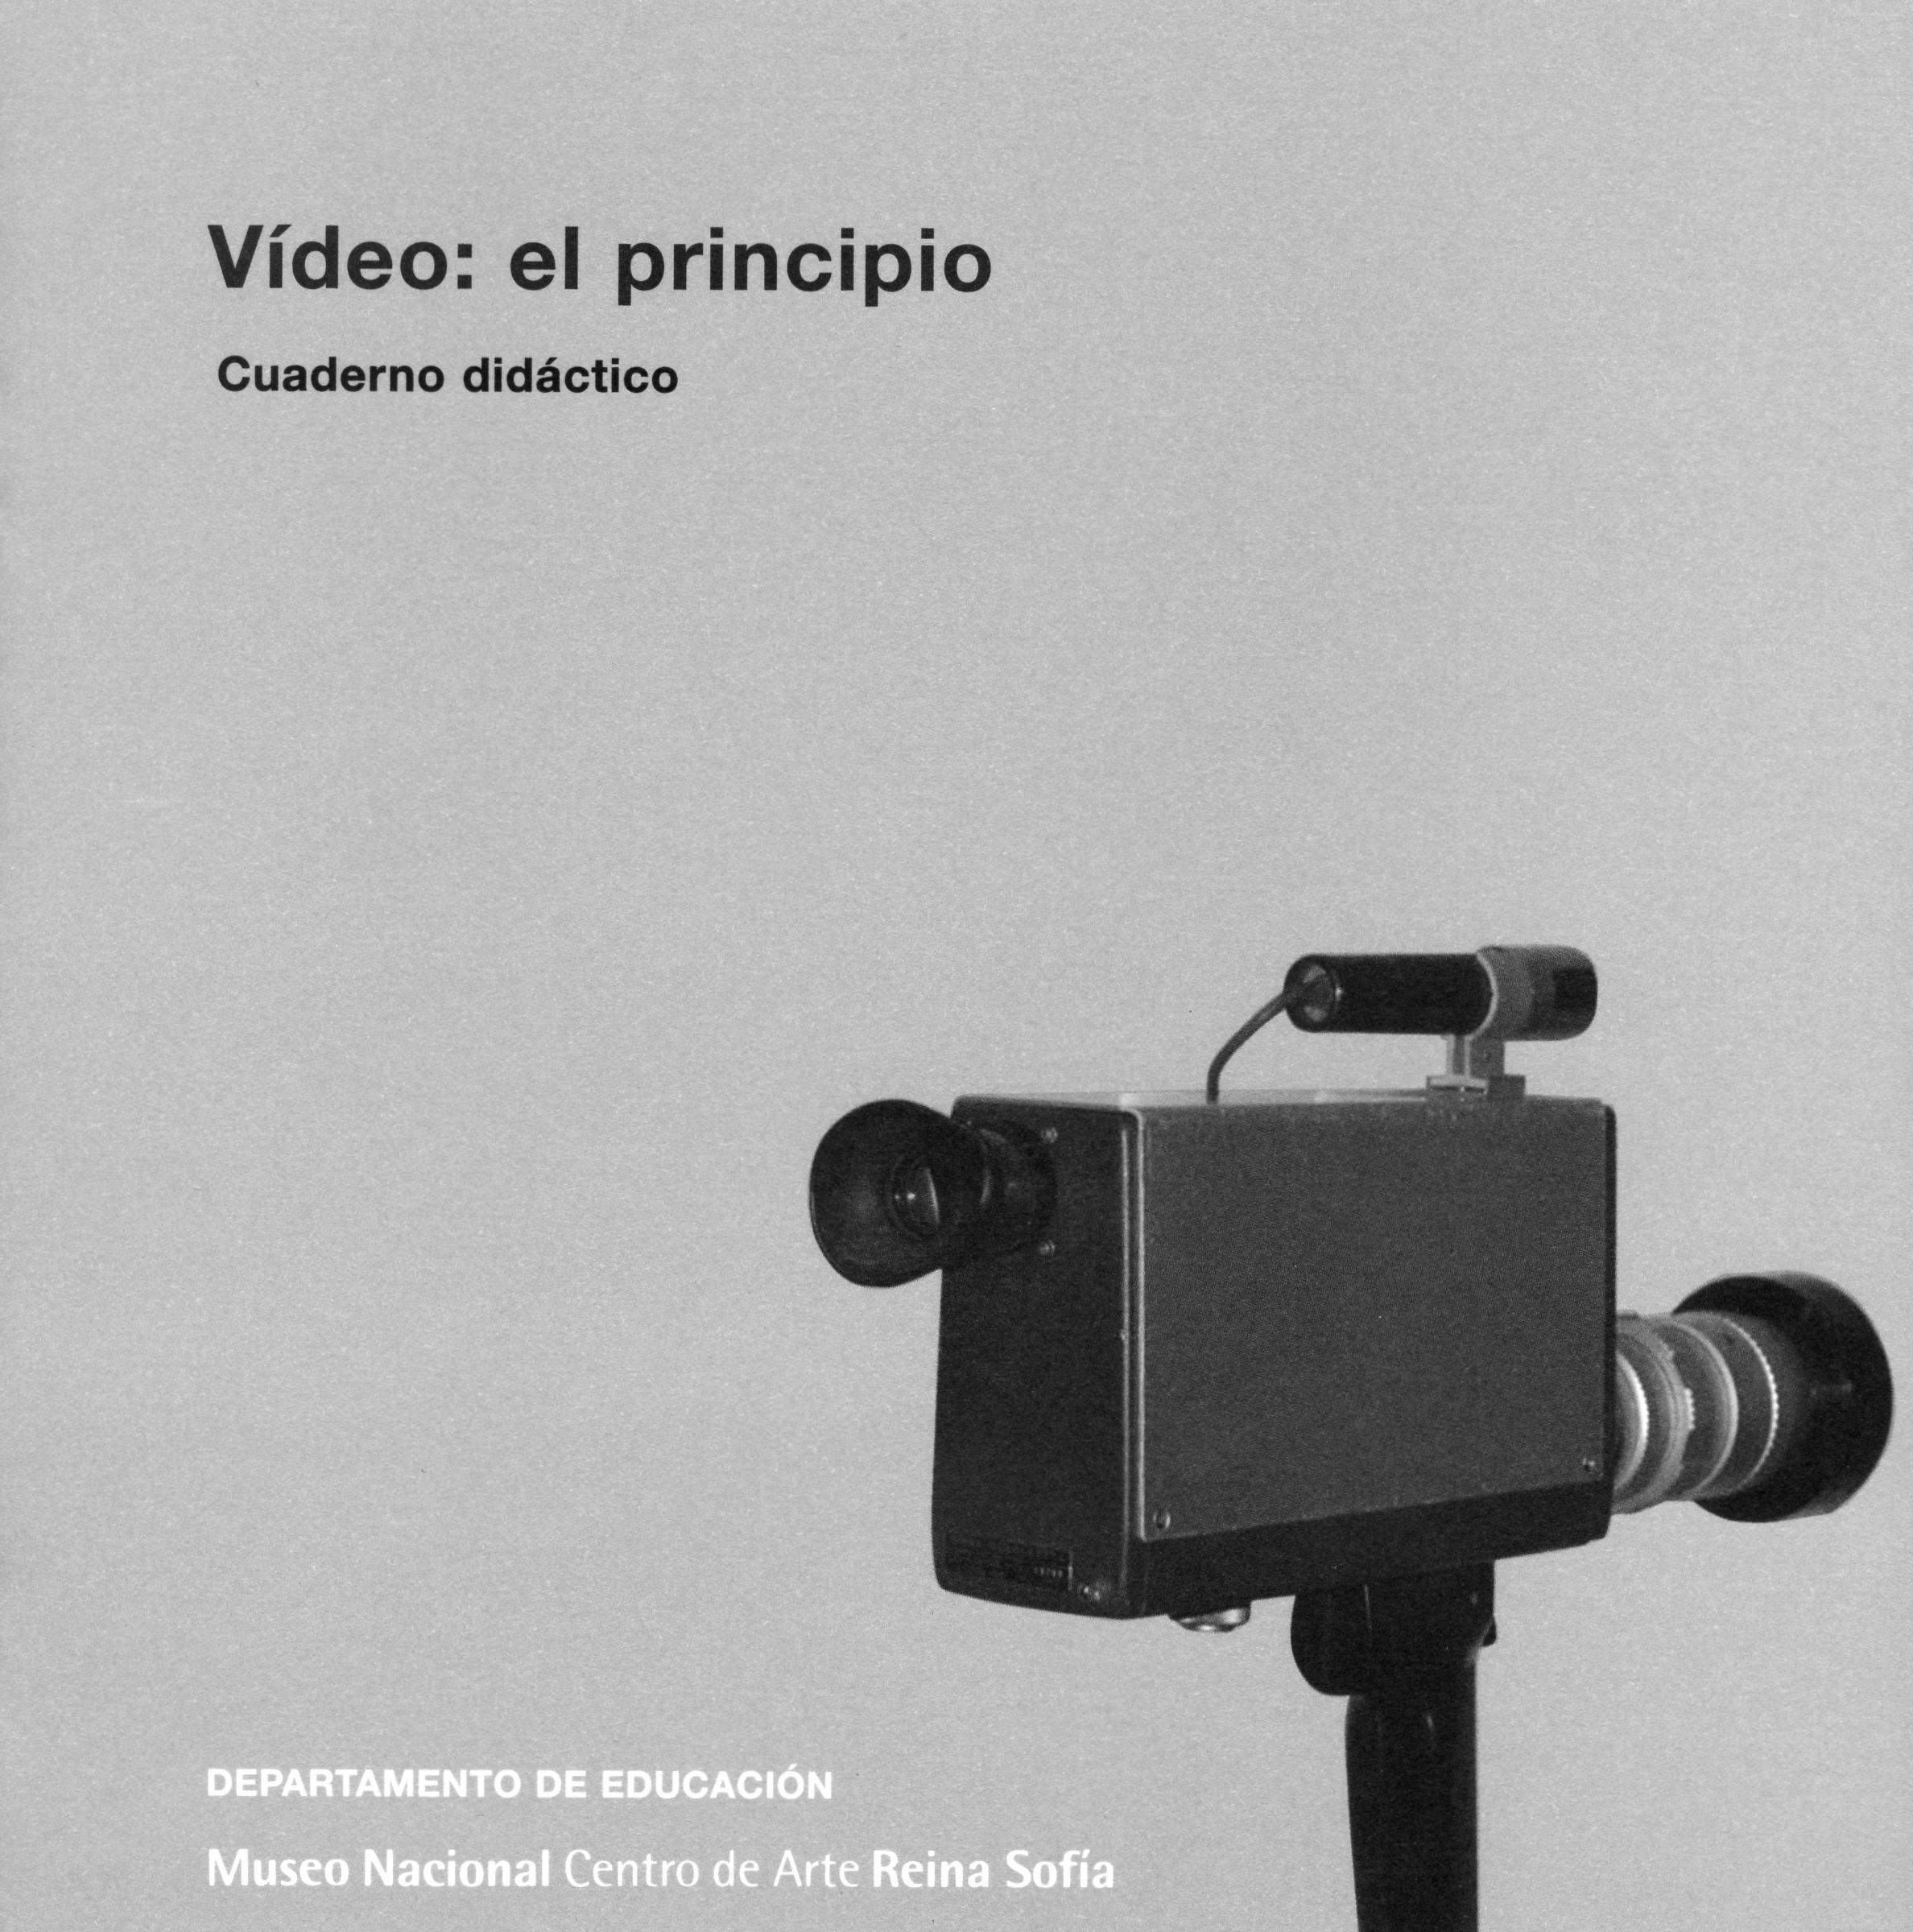 Vídeo: el principio, 2006